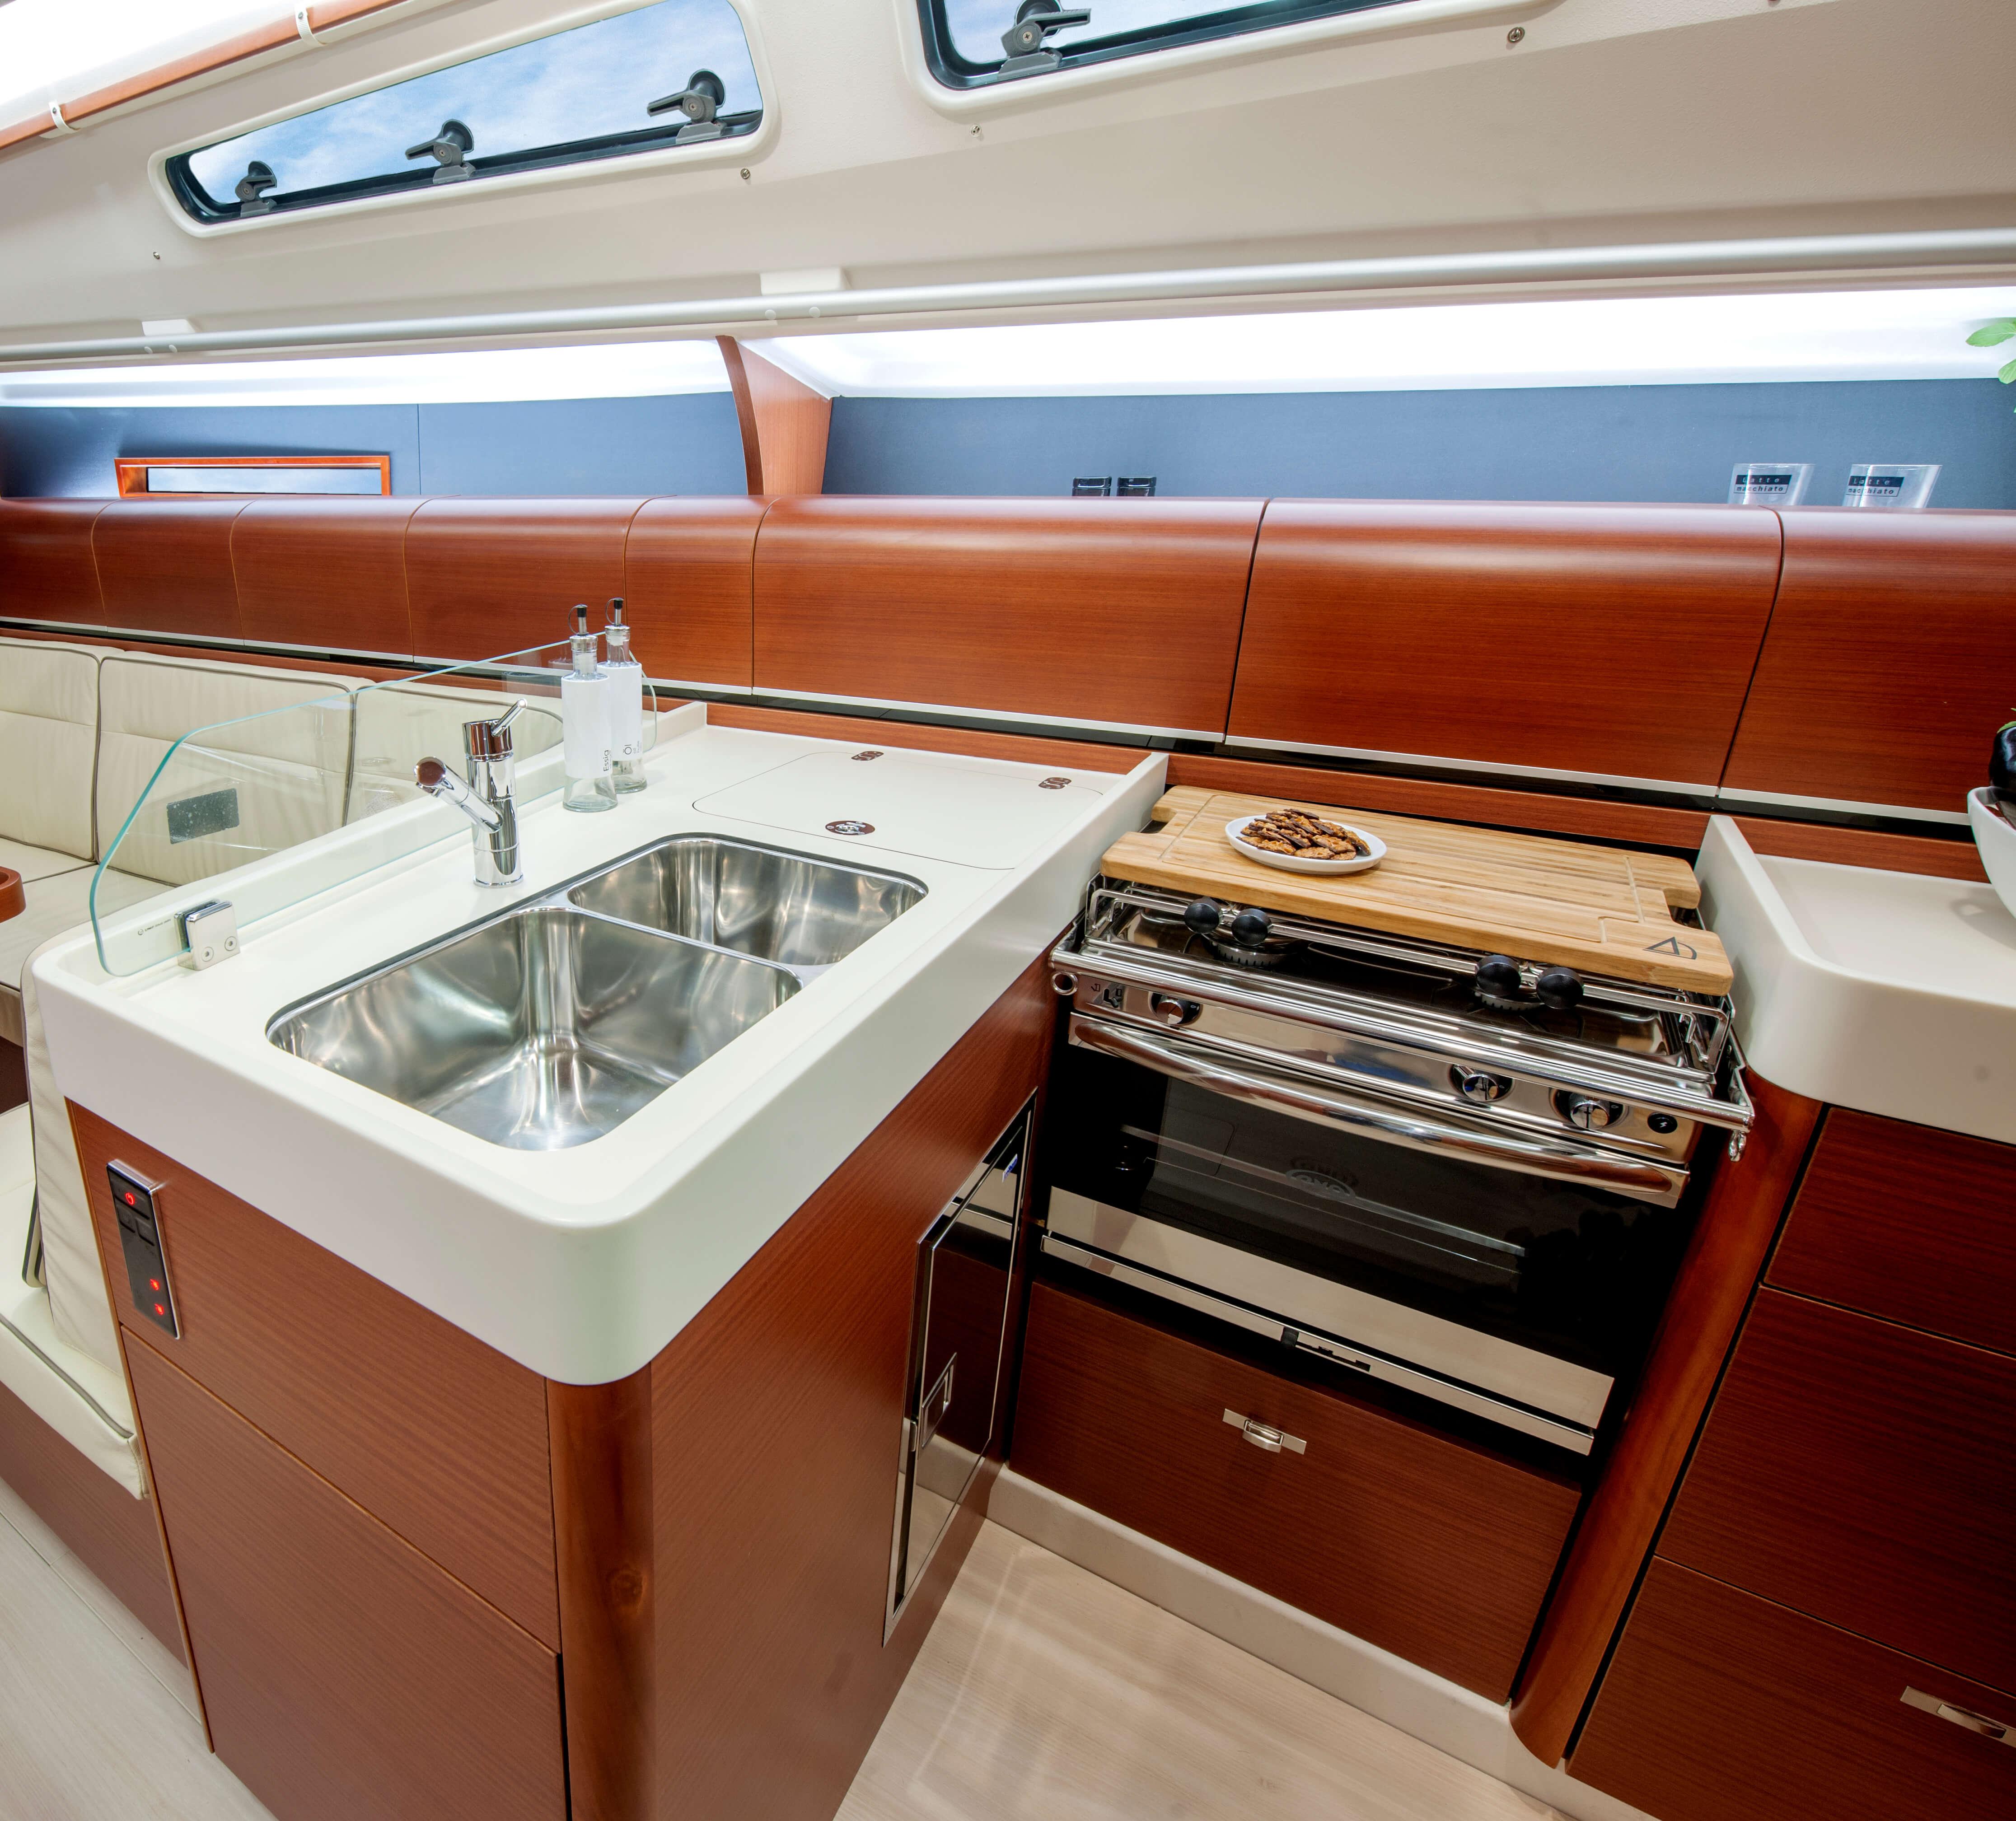 Dehler 42 Interno cambusa | lavello, forno, coperta del forno, frigerifero | Dehler